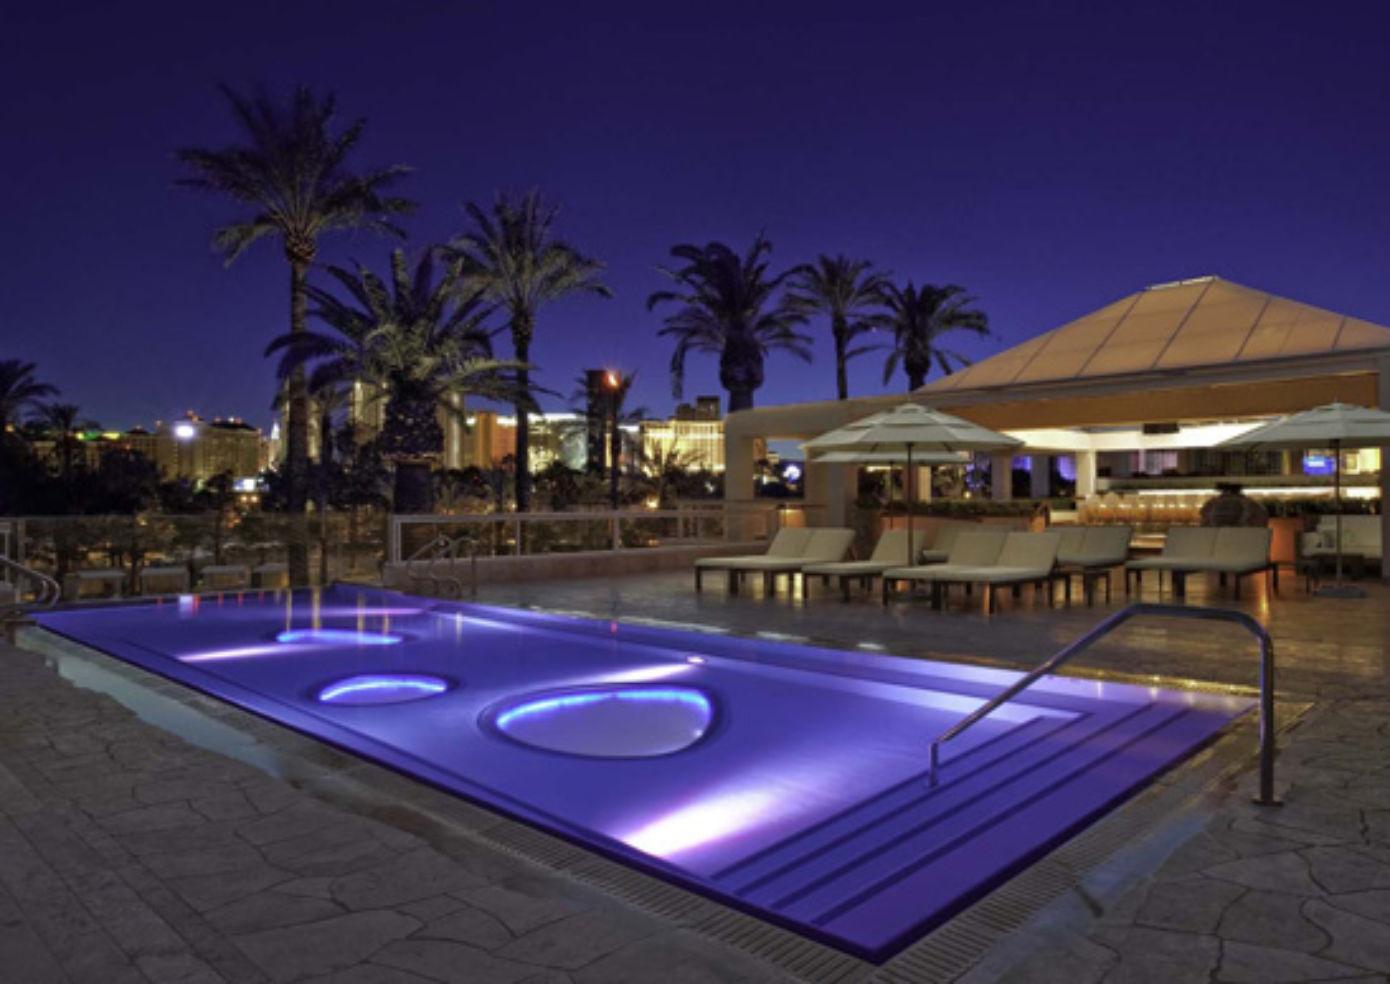 Hotel Appartements Luxuriose Einrichtung Hard Rock Hotel 963600 ...